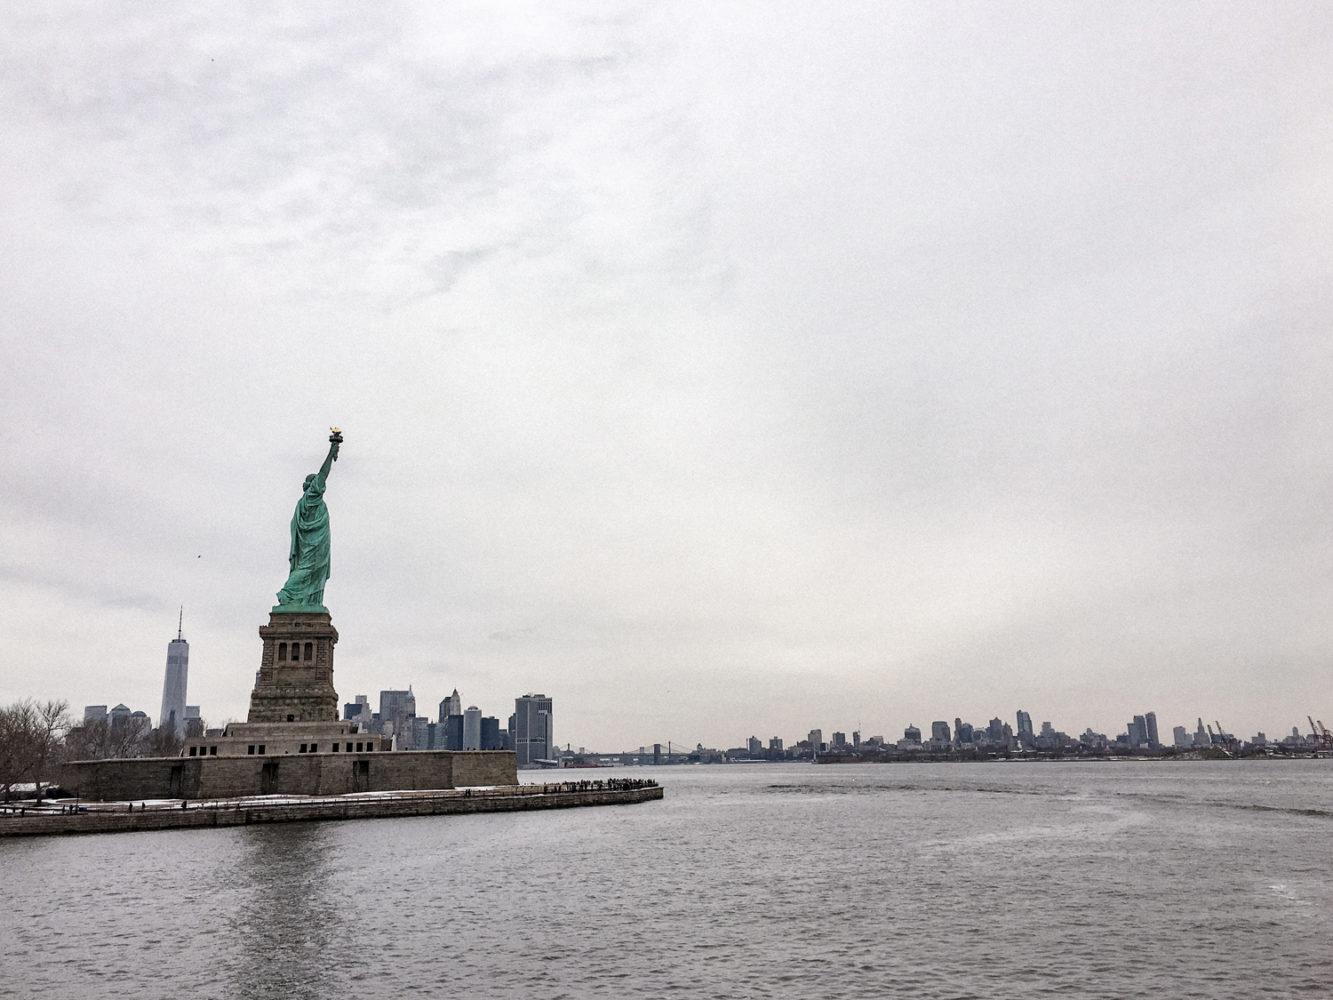 Vue de la statue de la Liberté, Manhattan à gauche et Brooklyn à droite